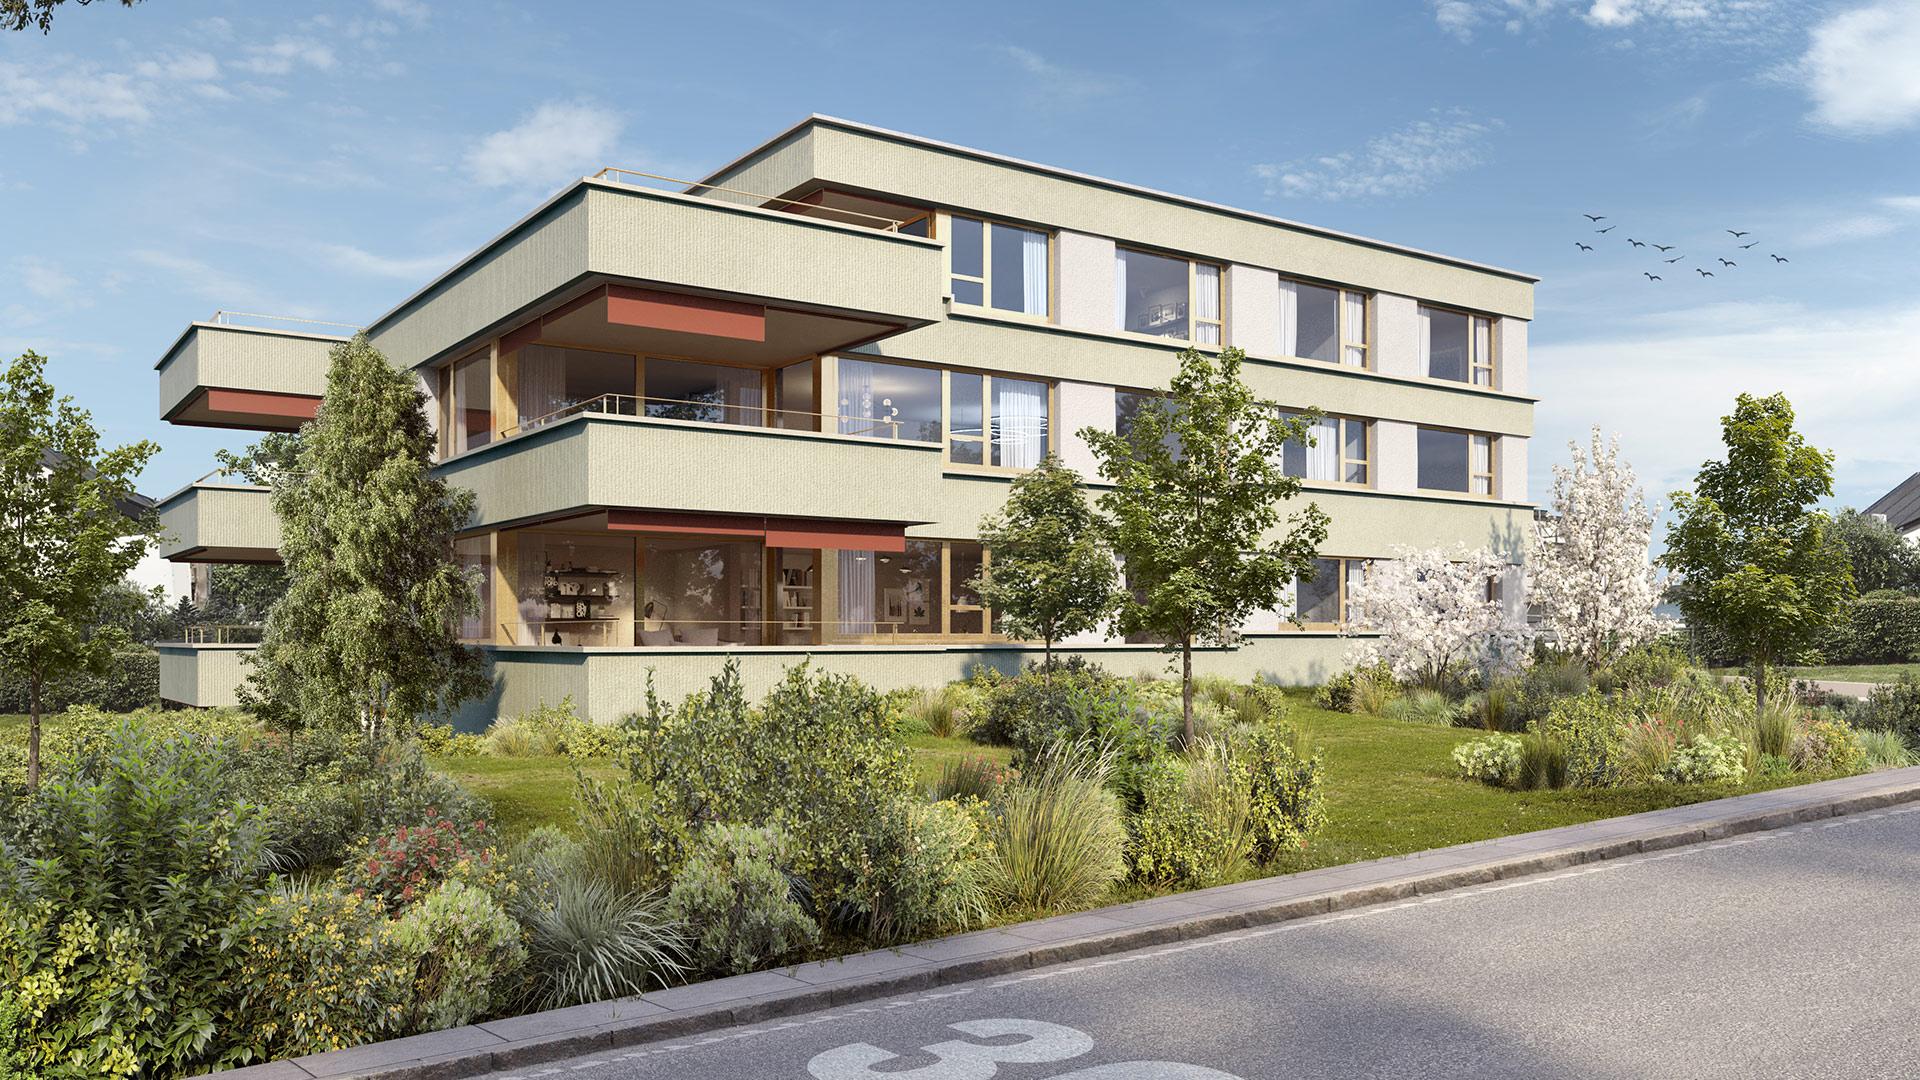 Wohnen im Park Berikon - Wohnung B2